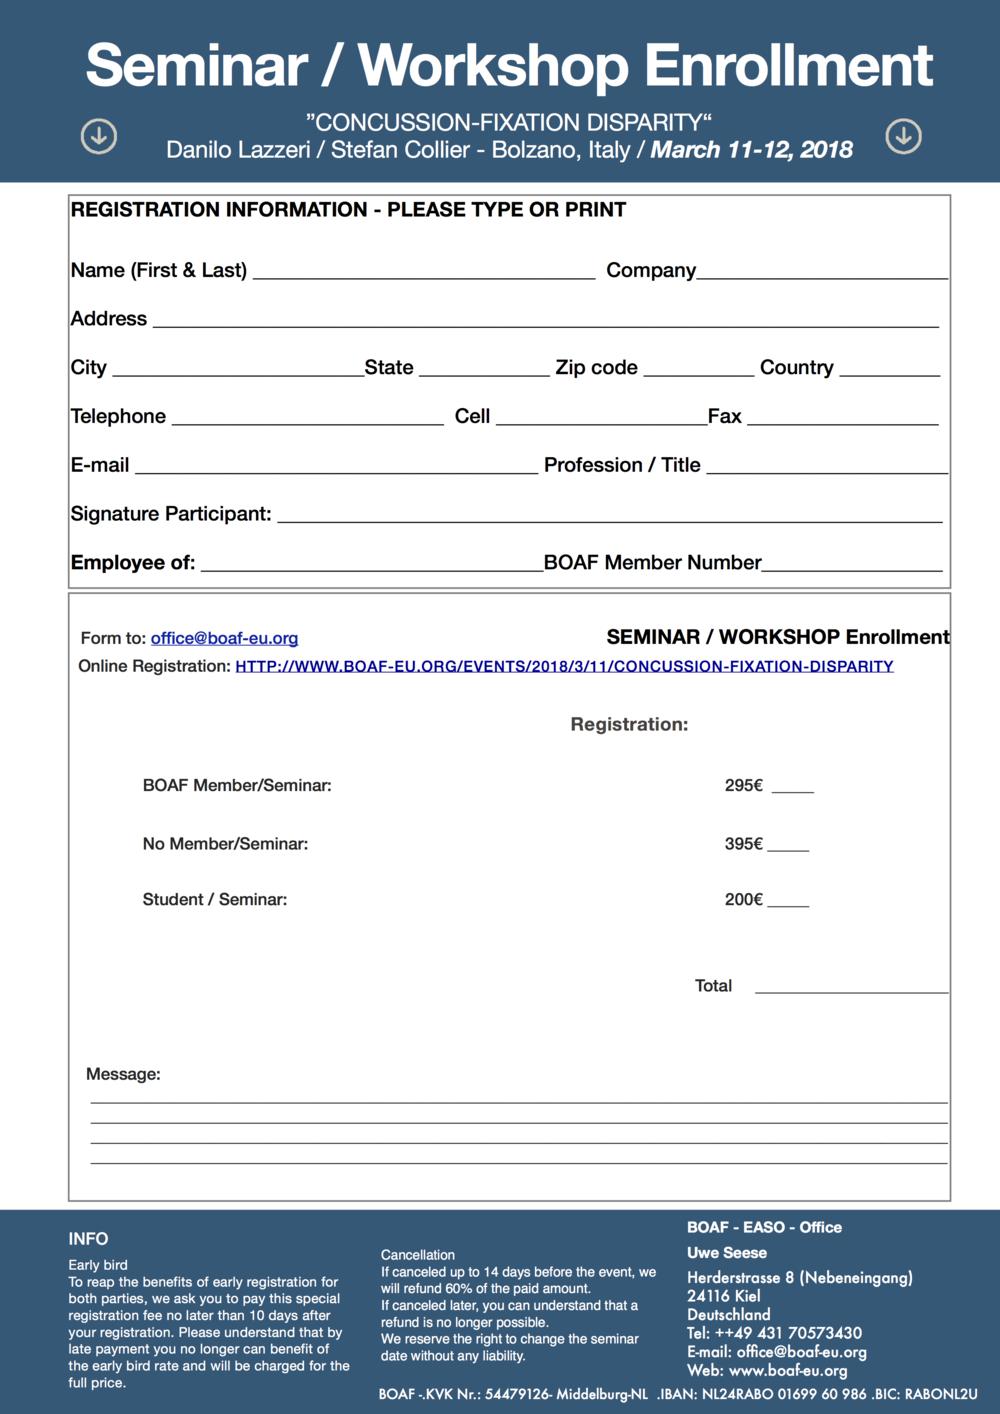 P3 EN Flyer Concussion-Fix disp bolzano 032018.png